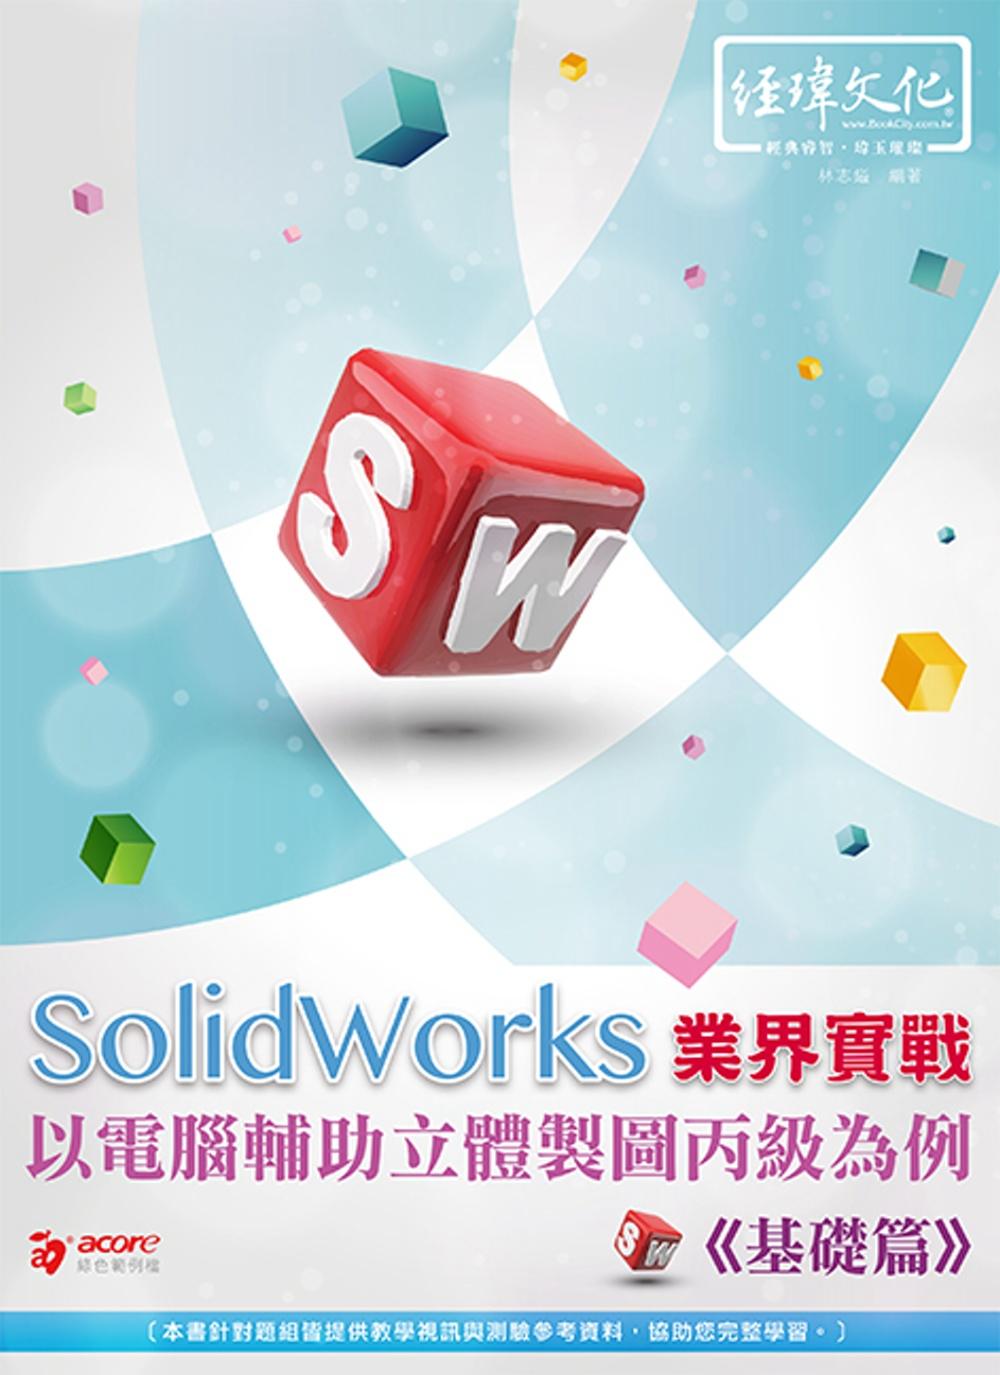 SolidWorks 業界實戰以電腦輔助立體製圖丙級為例:基礎篇(附綠色範例檔+線上影片回函索取)